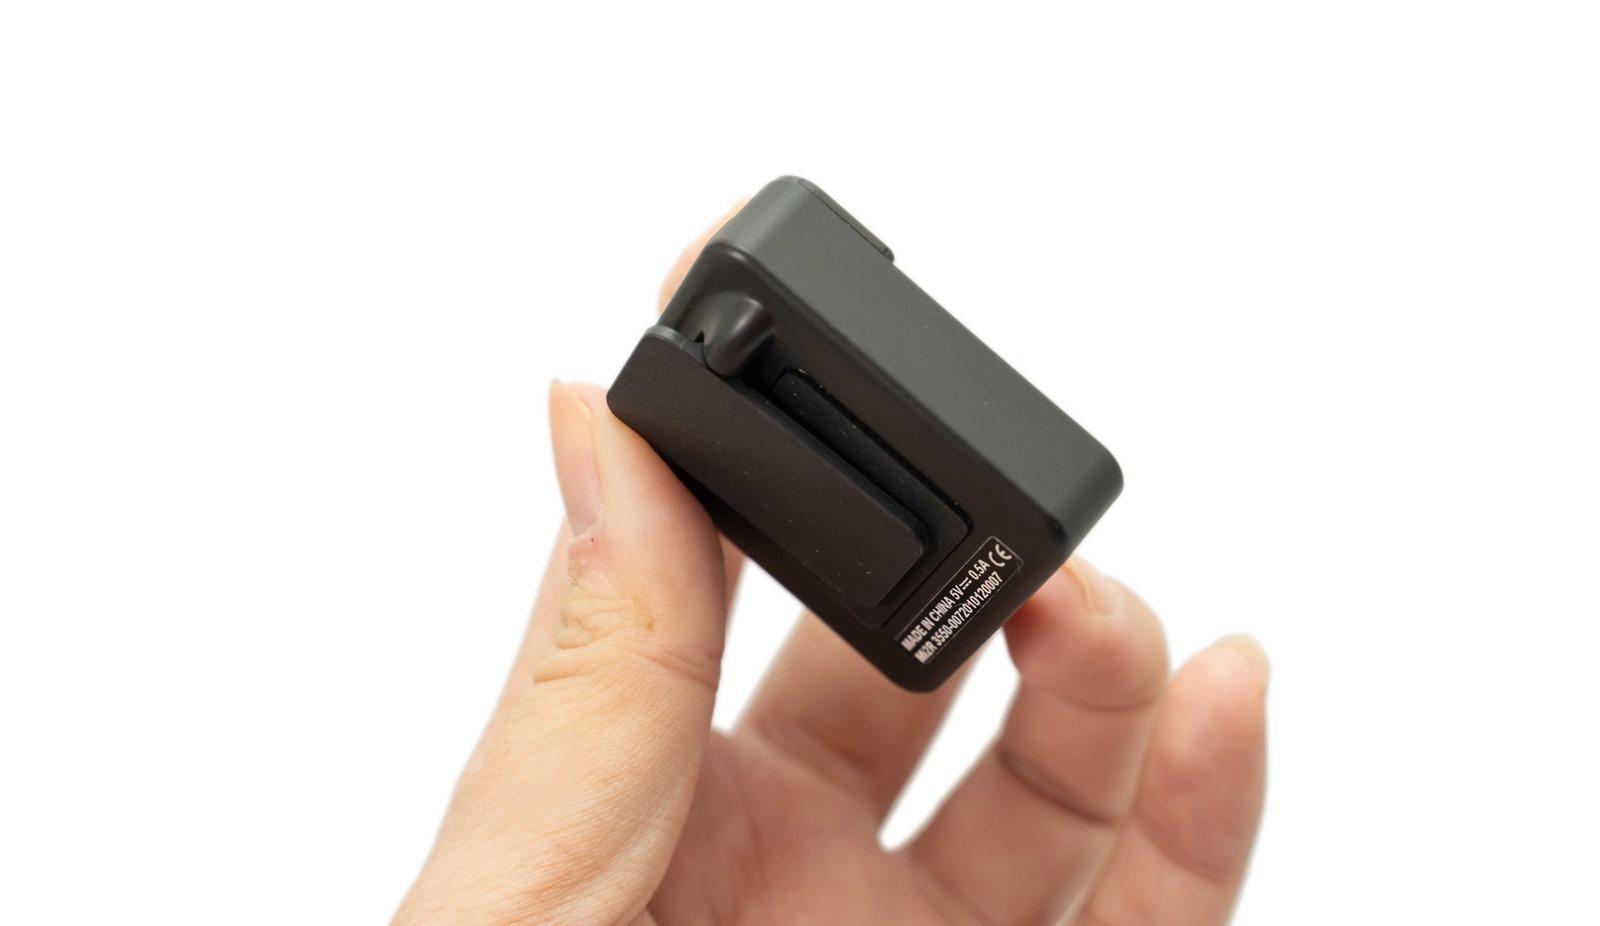 一對二無線麥克風也可以輕巧入手!力卡 MIPASSPORT MI2 開箱與實測 @3C 達人廖阿輝